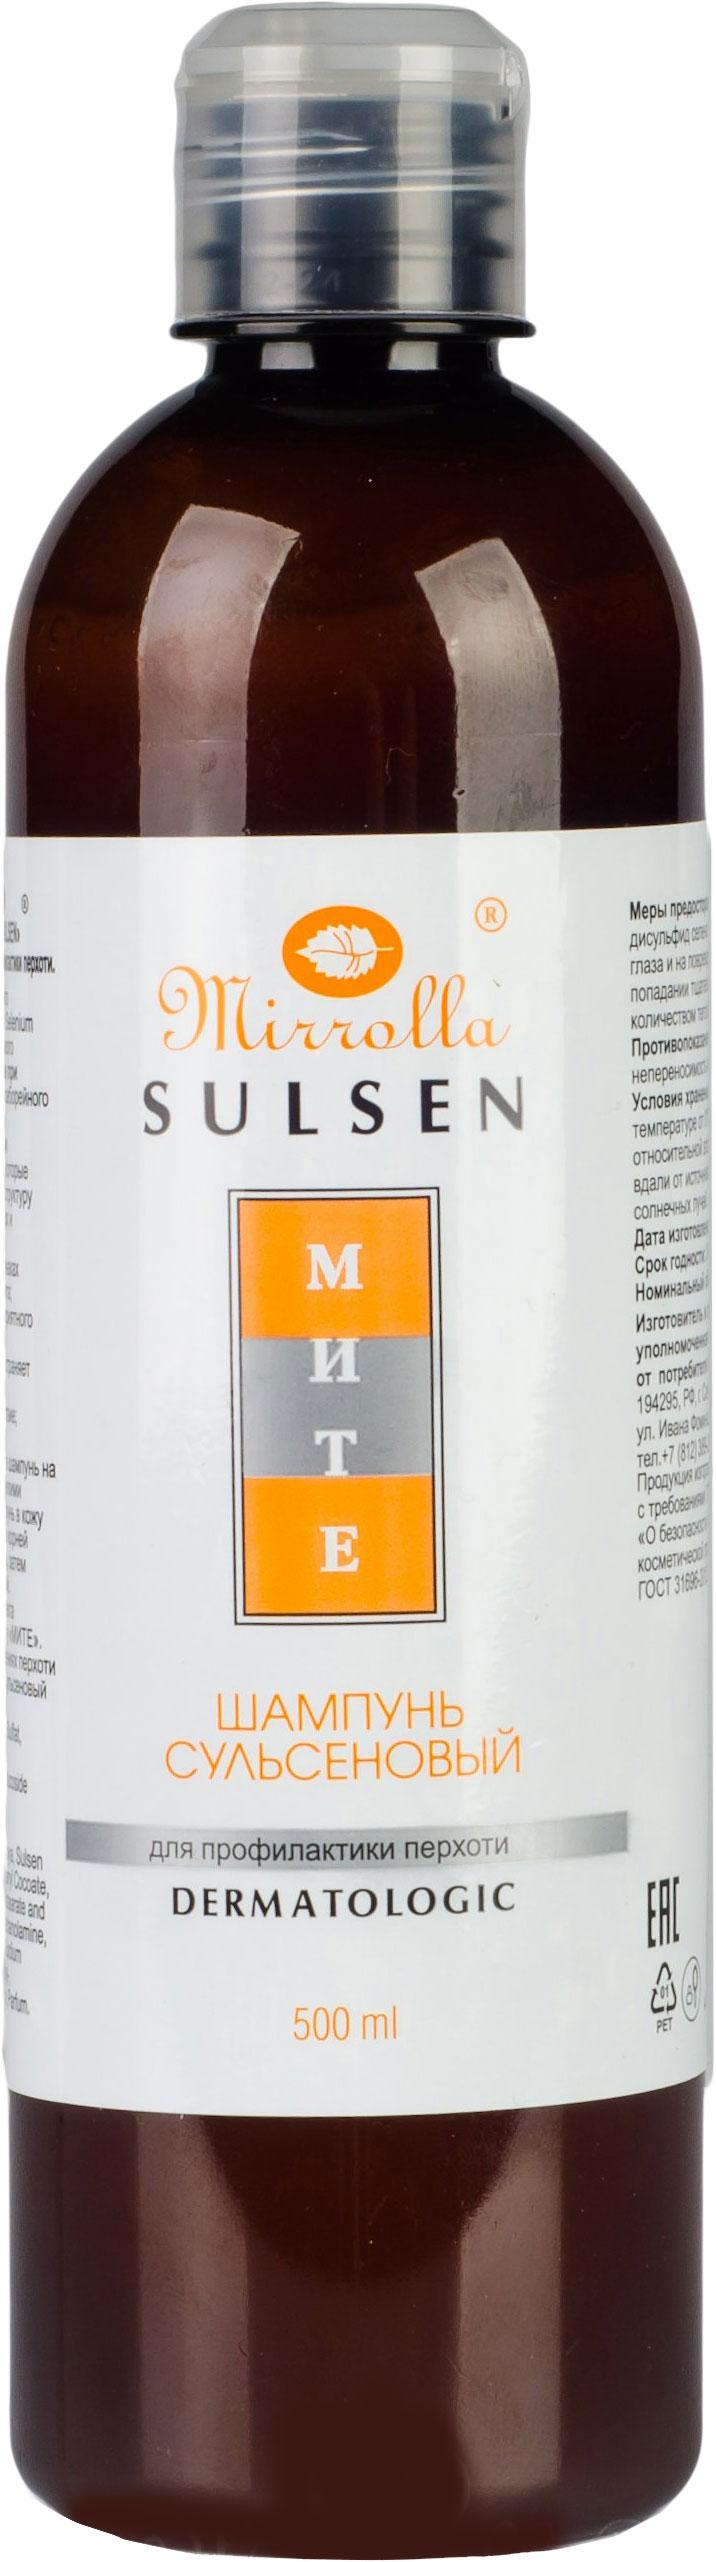 Мирролла Шампунь Сульсен Мите 1% 500 мл4650001794918Сульсеновый шампунь МИТЕ для профилактики перхоти.Создан на основе традиционного противоперхотного компонента Selenium sulfide. Концентрация сульсенового шампуня МИТЕ эффективна при первых прихнаках перхоти. Шампунь обогащен кондиционирующими добавками и растительными экстрактами, которые укрепляют и восстанавливают структуру волос, а также придает им блеск и здоровый вид.- Эффективен при первых признаках перхоти и себорейного дерматита; - Способствует устранению неприятного зуда; - Нормализует микрофлору и устраняет шелушение кожи головы; - Оказывает фунгицидное действие;- Стимулирует рост волос.